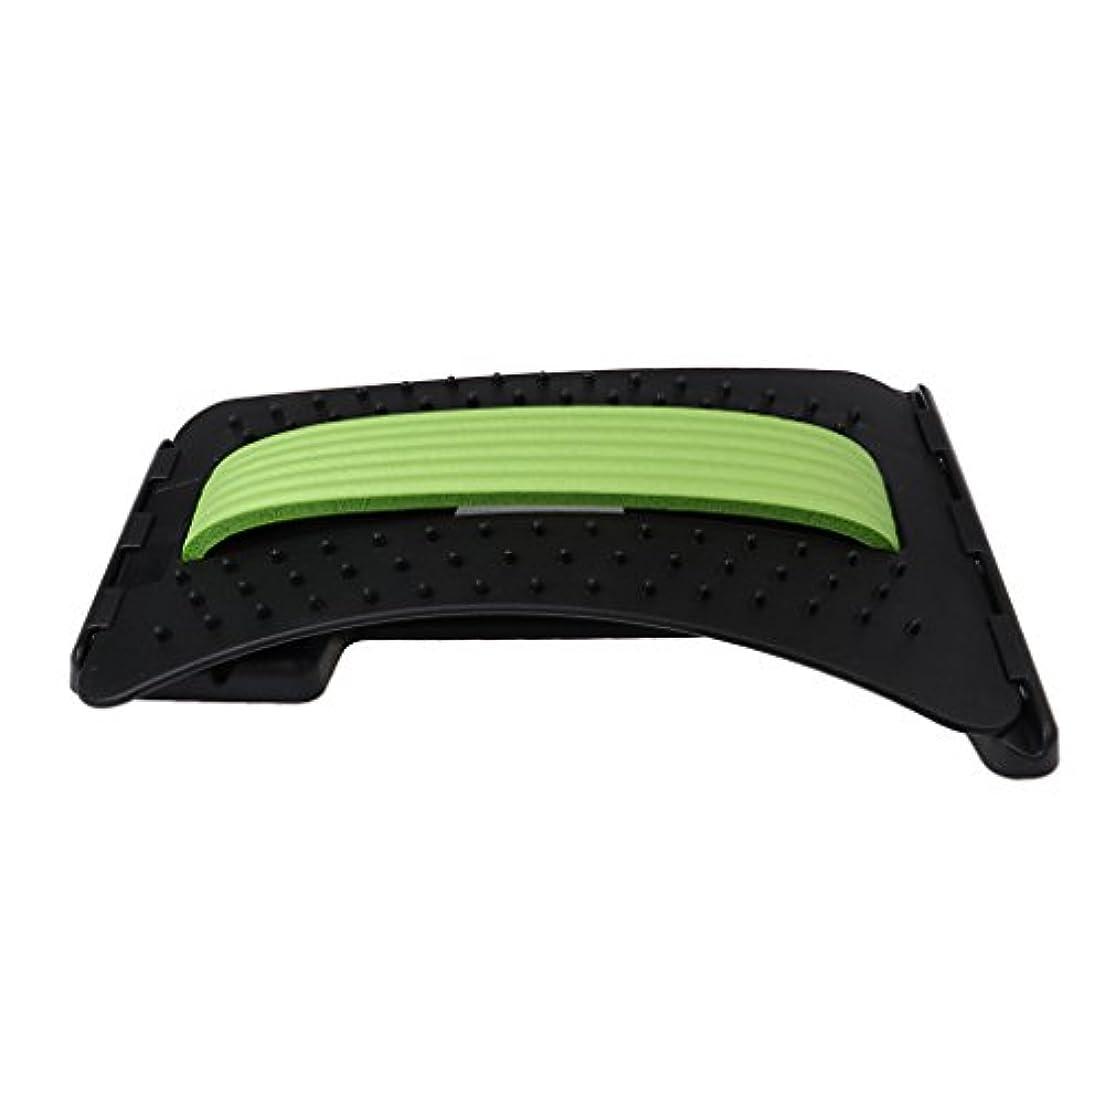 火曜日伝説飽和するKesoto バックストレッチャー ABS製 リラックス ストレス解消 3色選べる - 緑